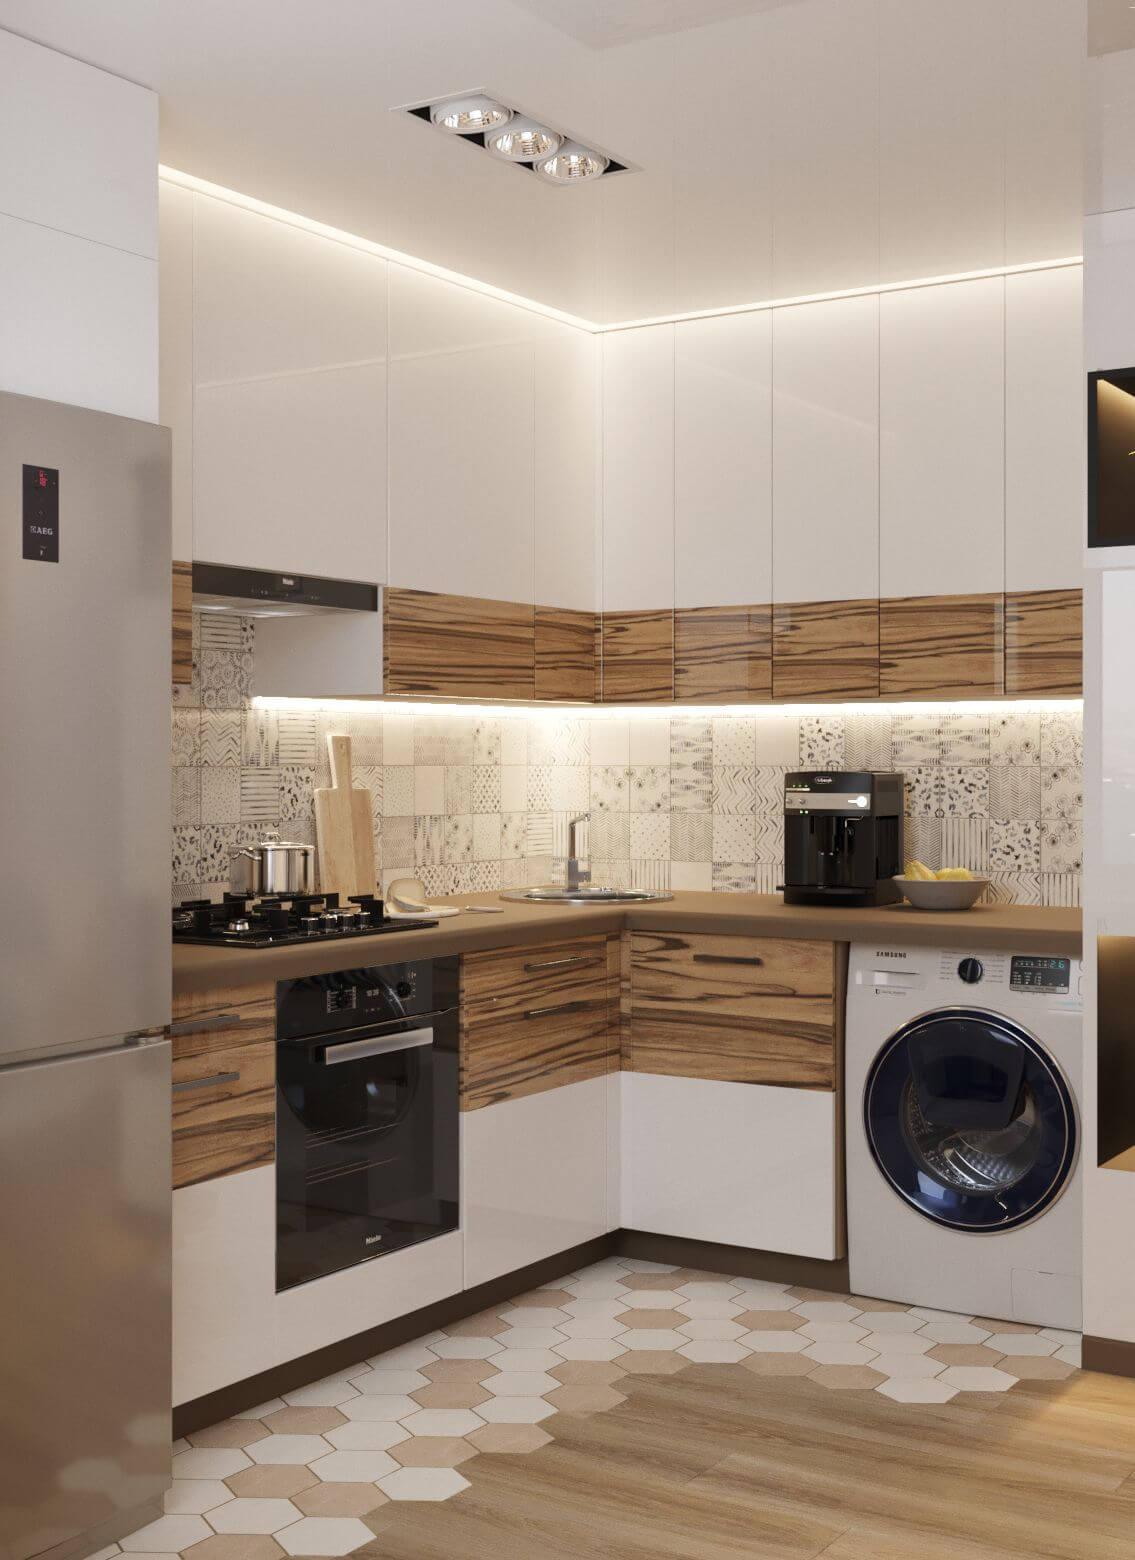 Угловая кухня в хрущевке со стиральной машиной